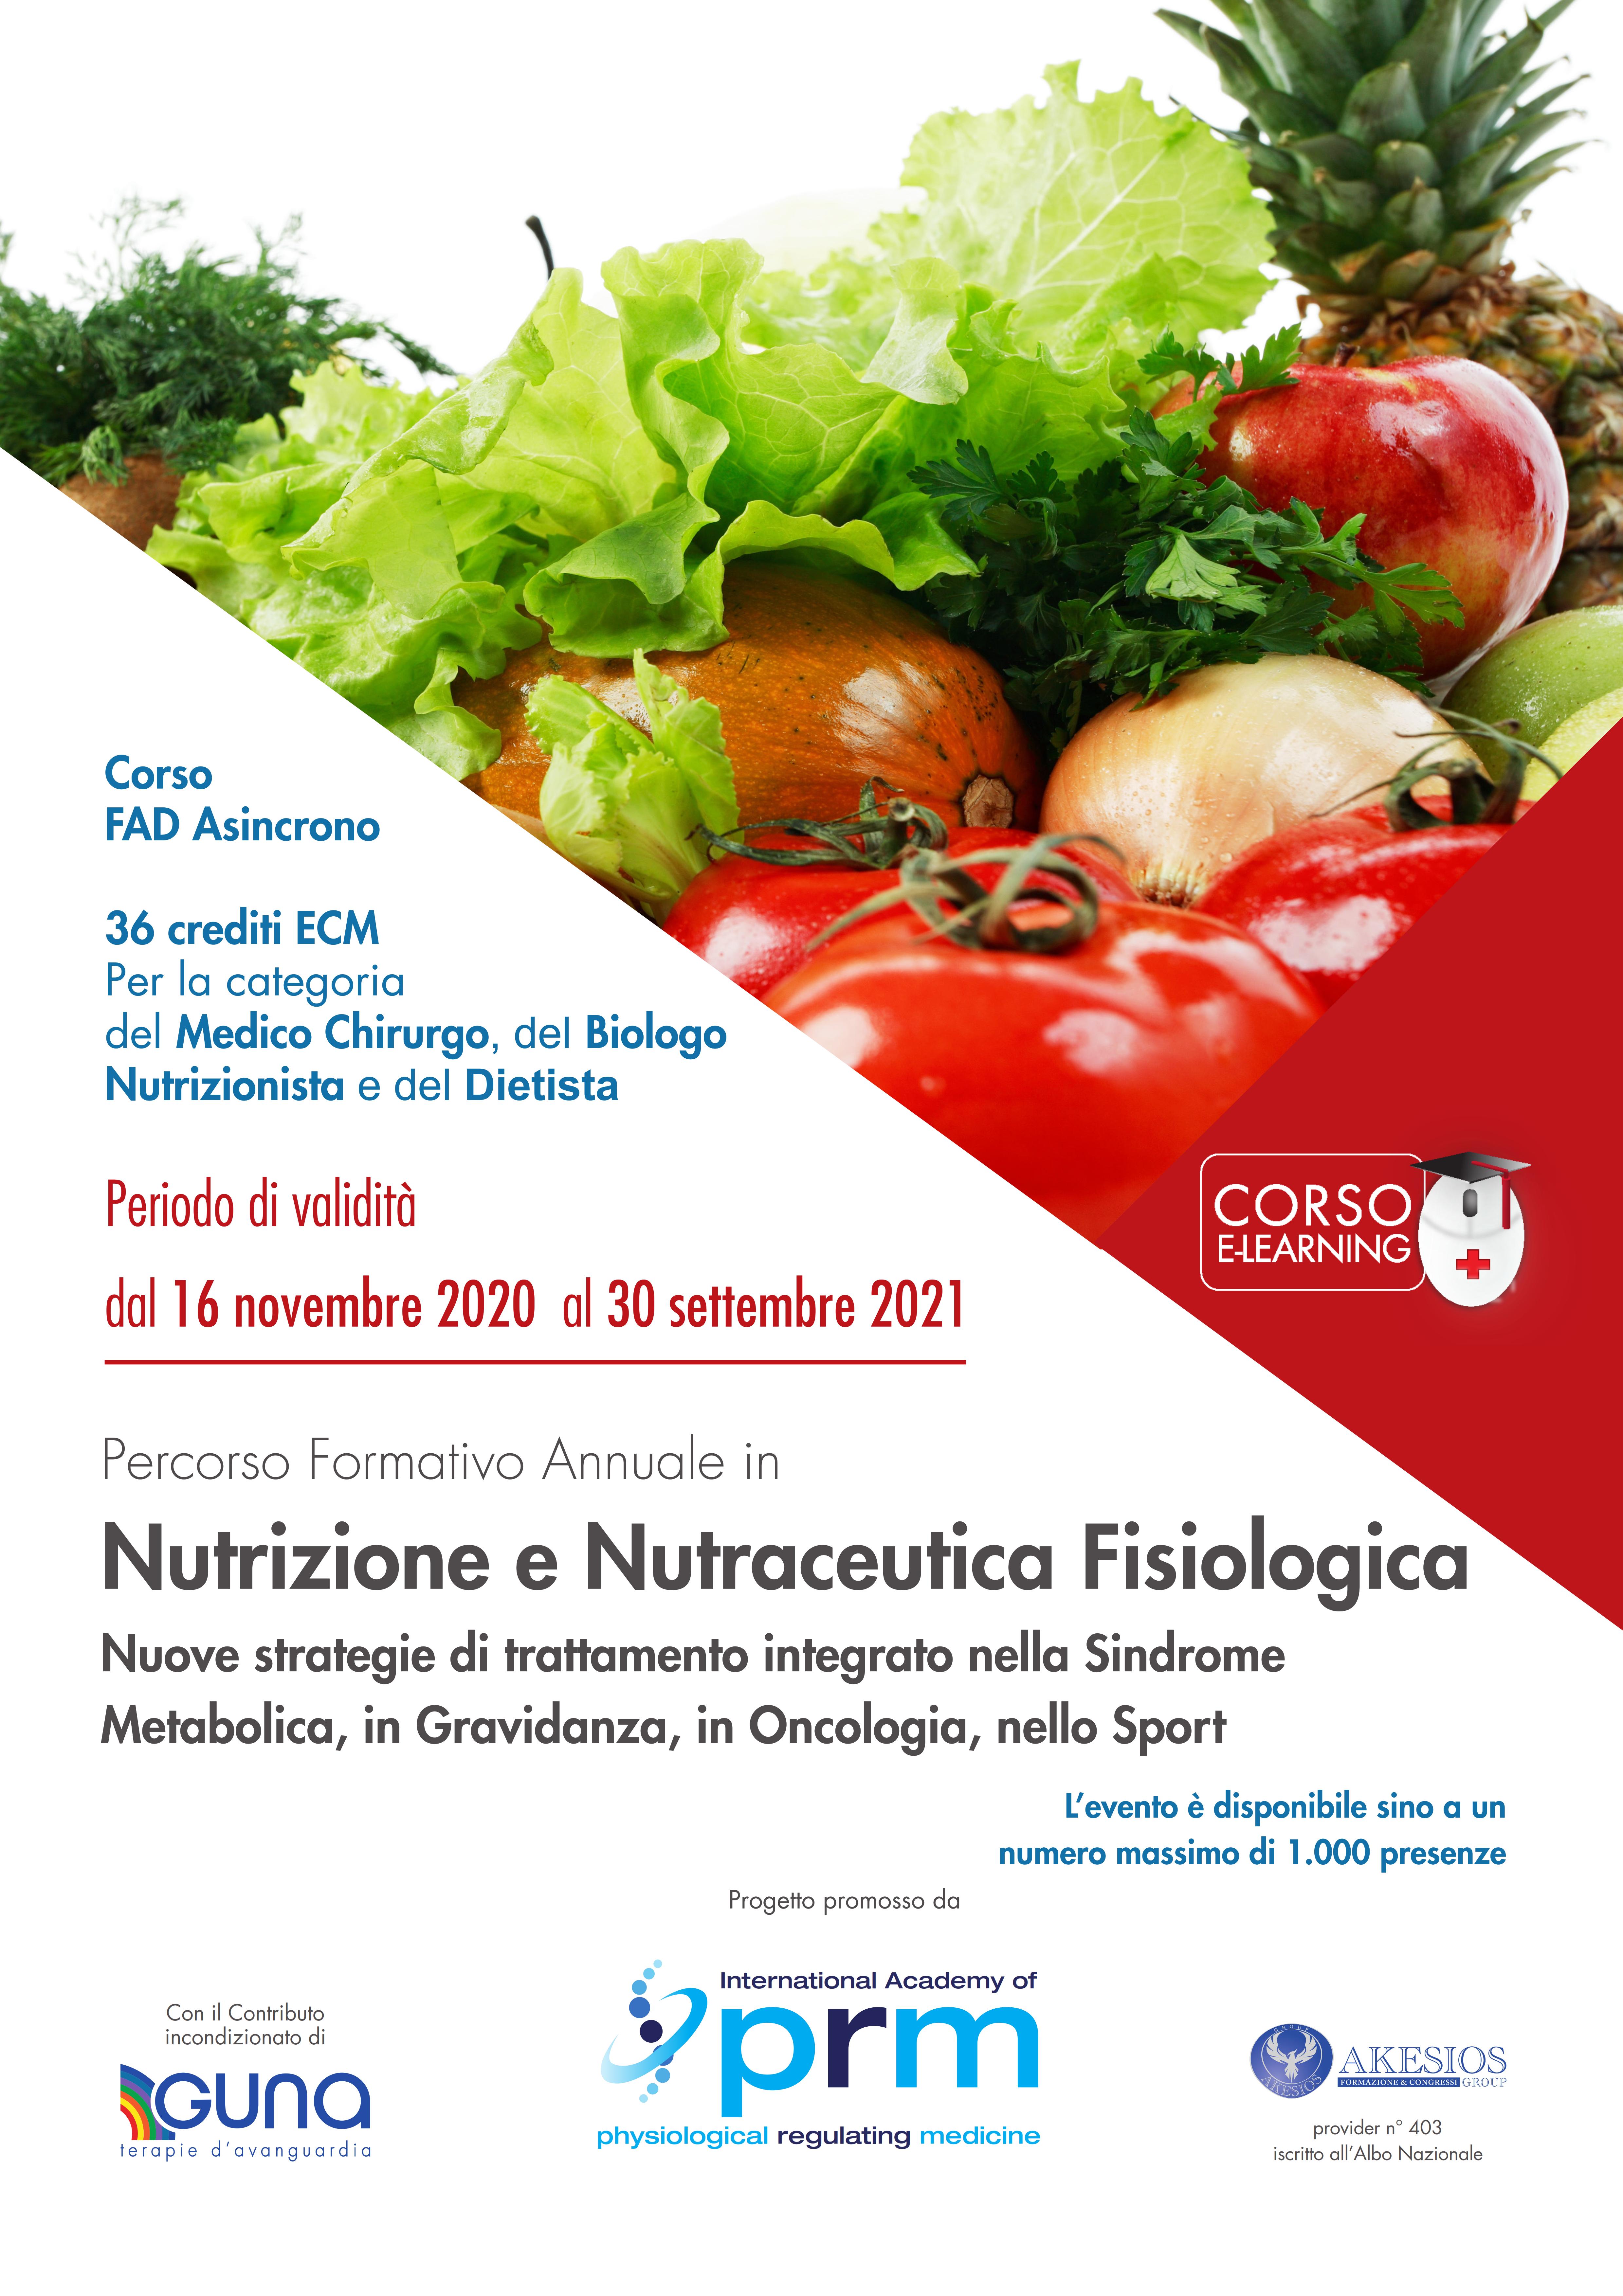 Percorso Formativo Annuale in Nutrizione e Nutraceutica Fisiologica